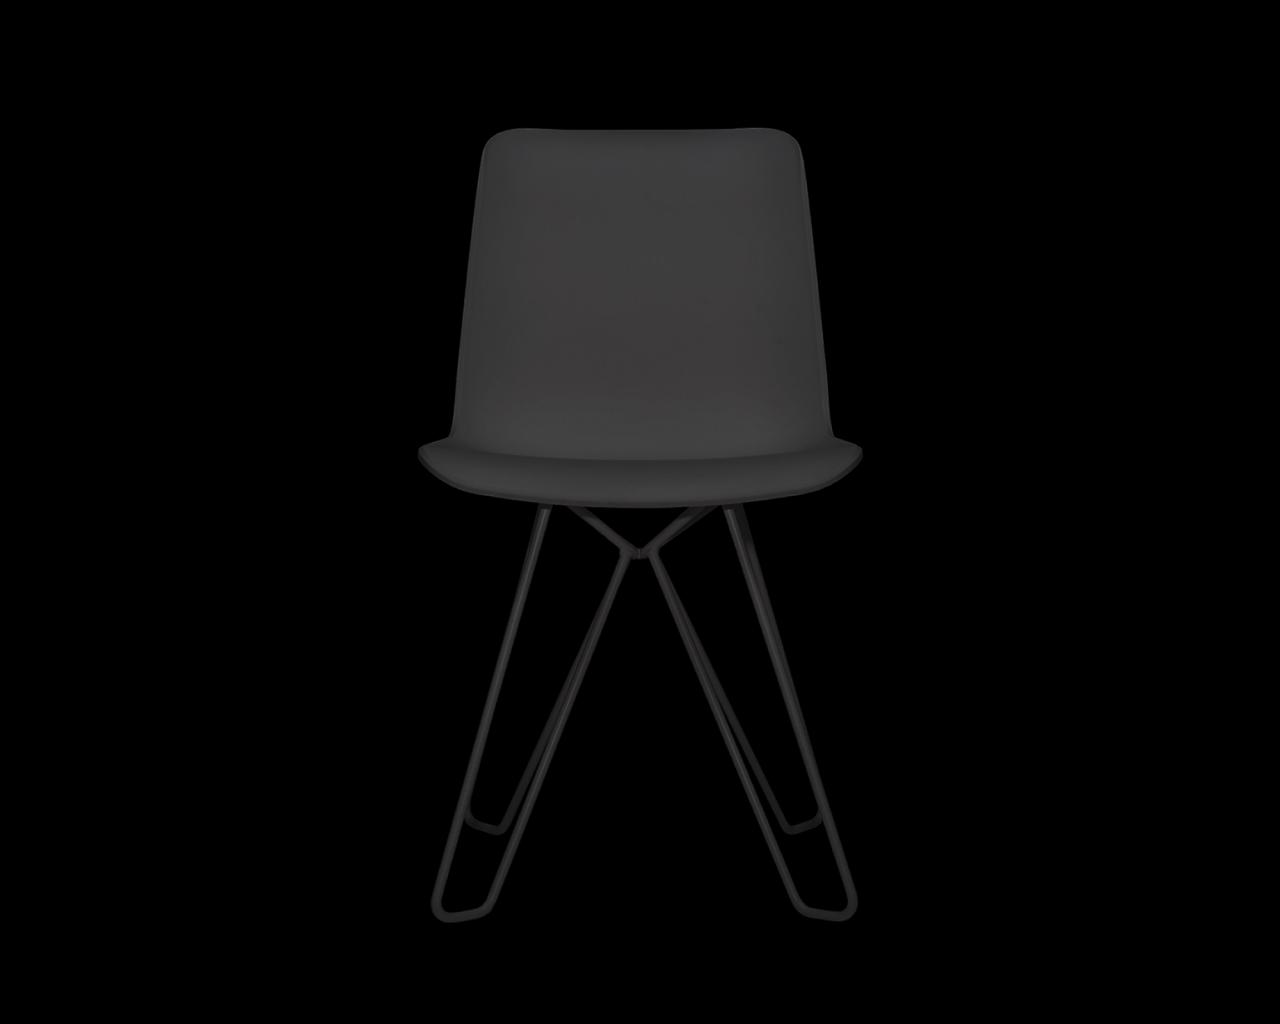 Schäfer Stuhl